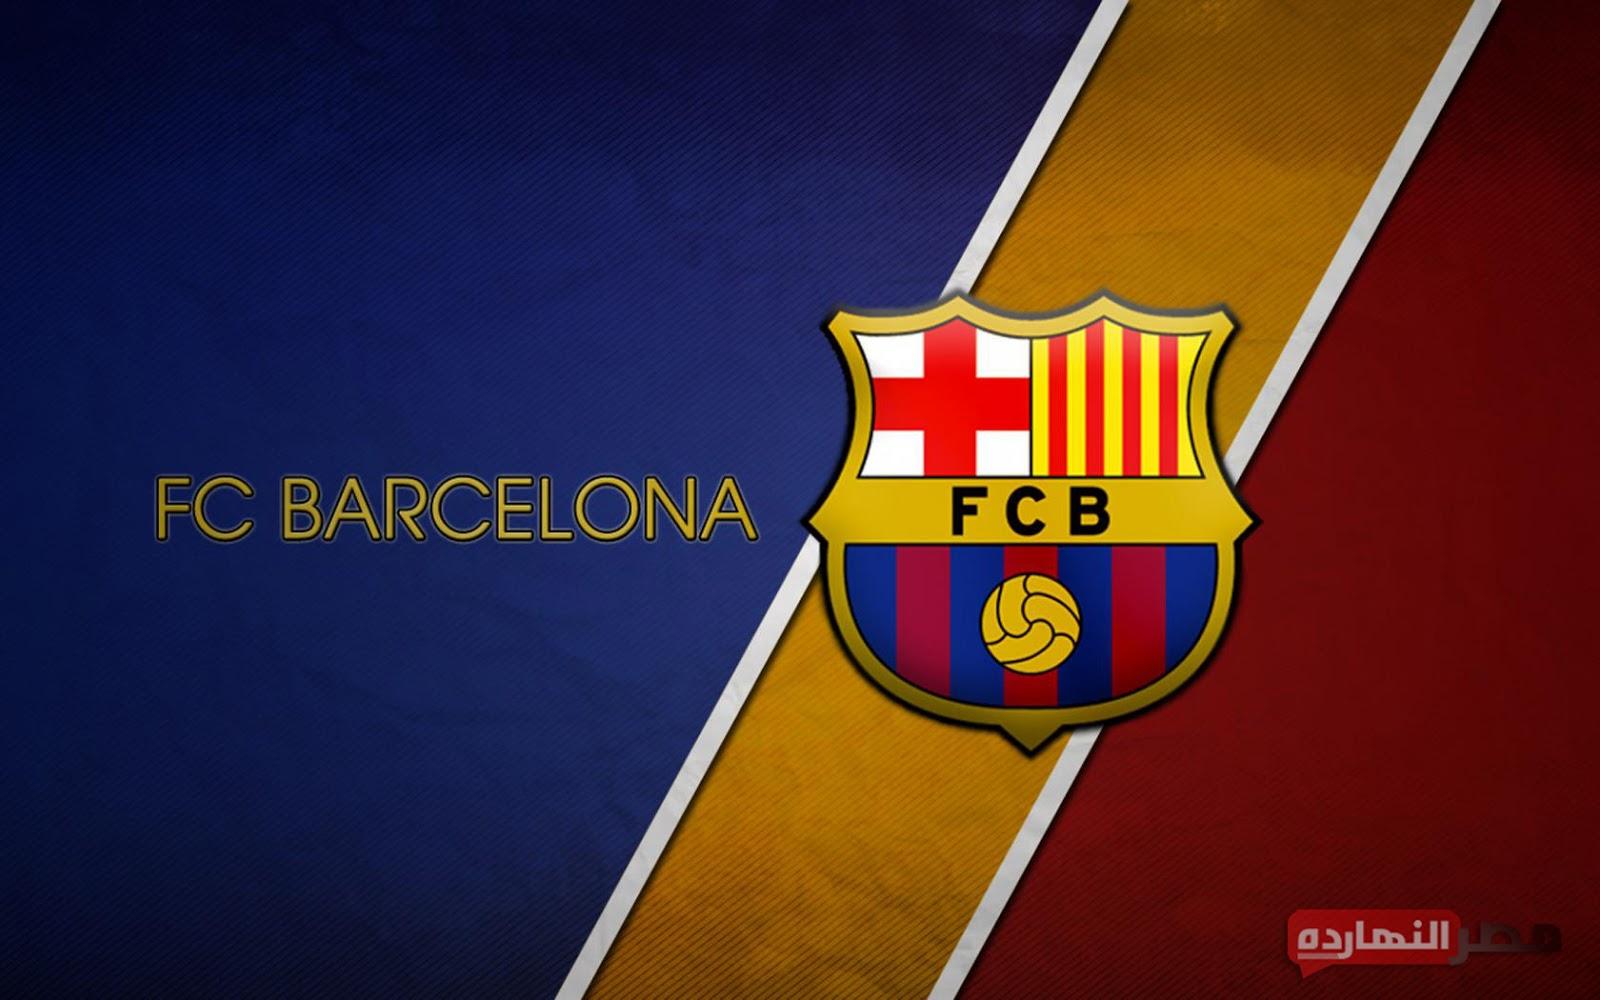 موعد مباراة برشلونة وسيلتا فيغو اليوم الخميس 2017-1-4 والقنوات الناقلة والتشكيل المتوقع بكأس الملك